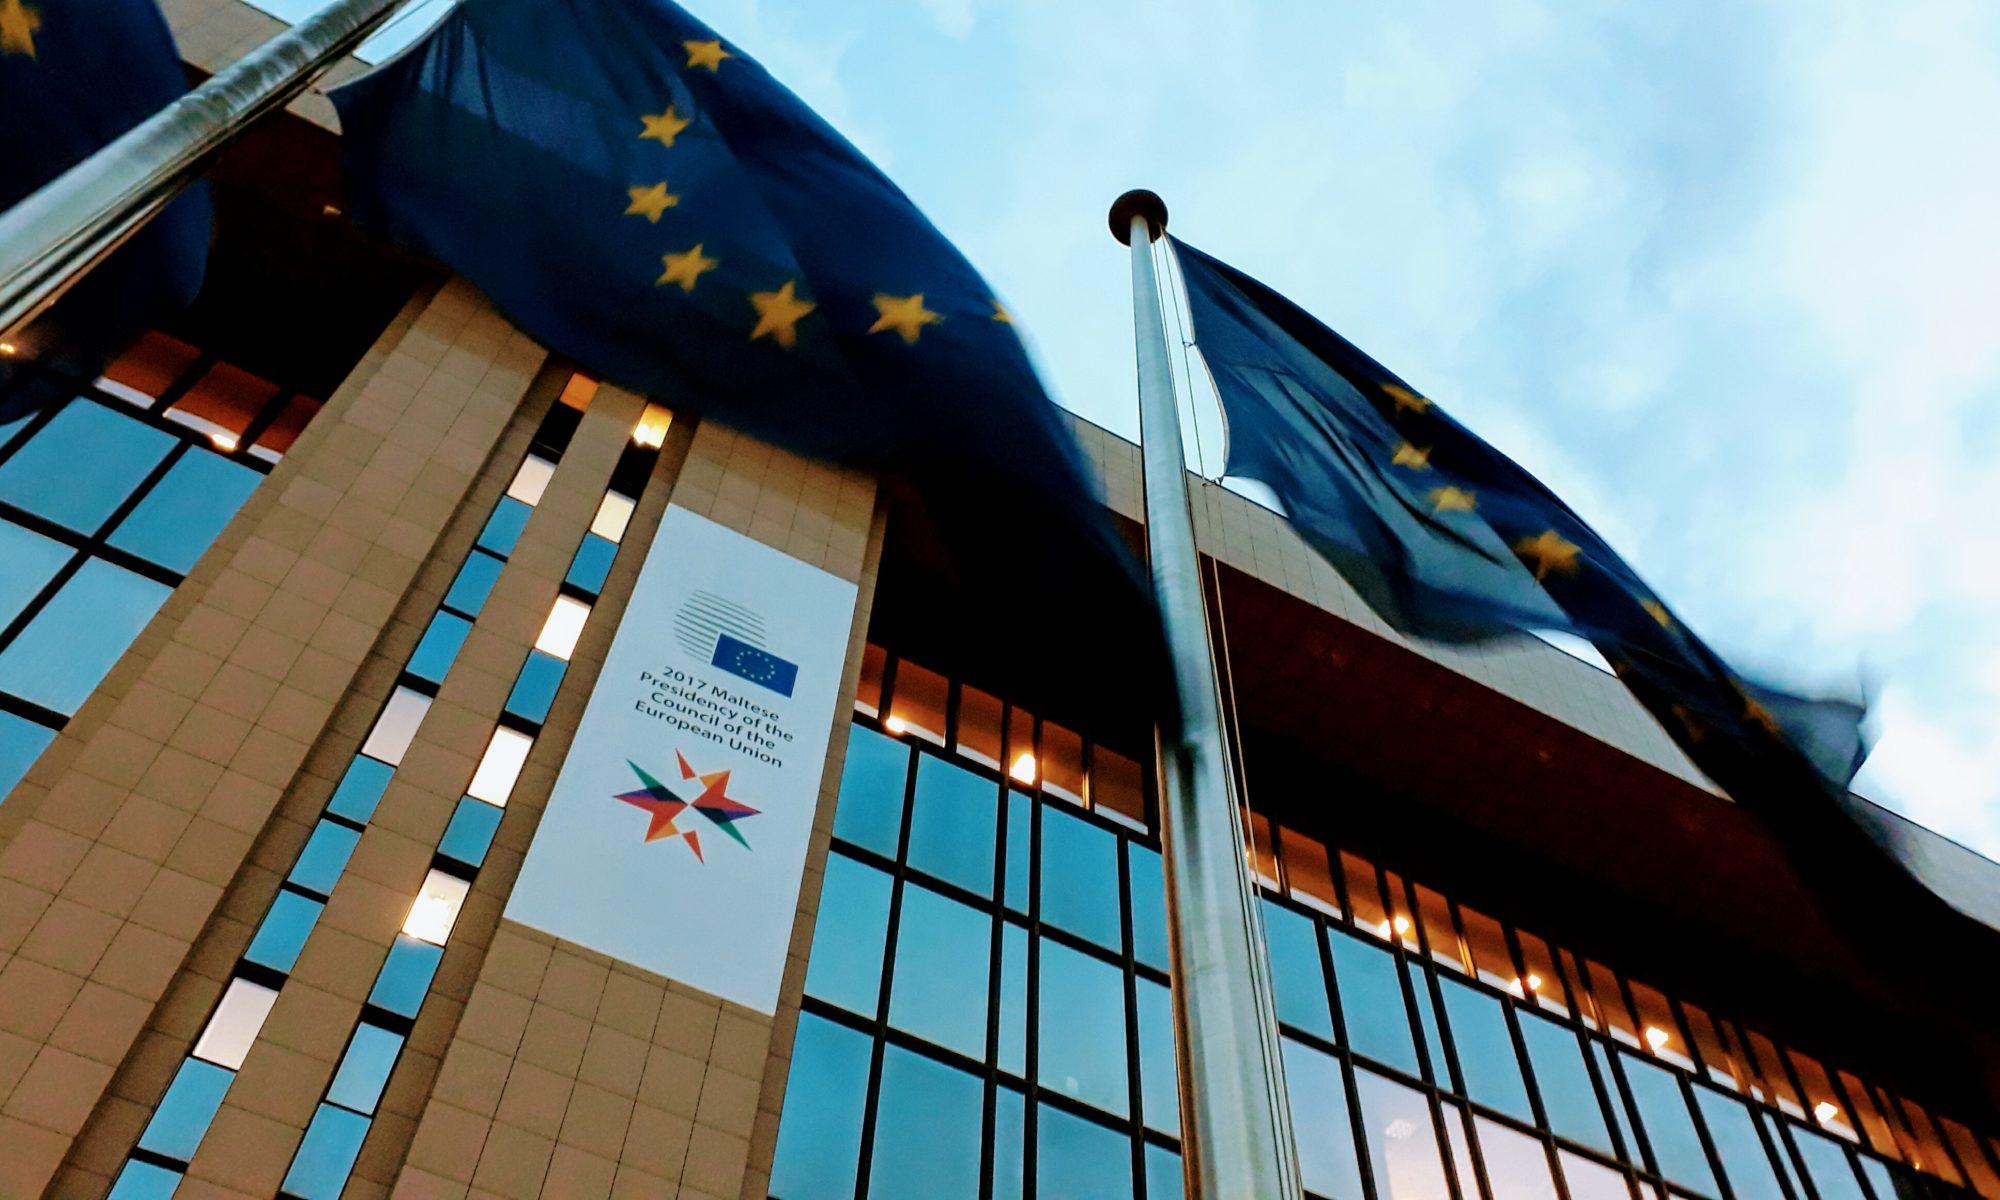 Brüssel, Hauptsitz der Europäischen Union